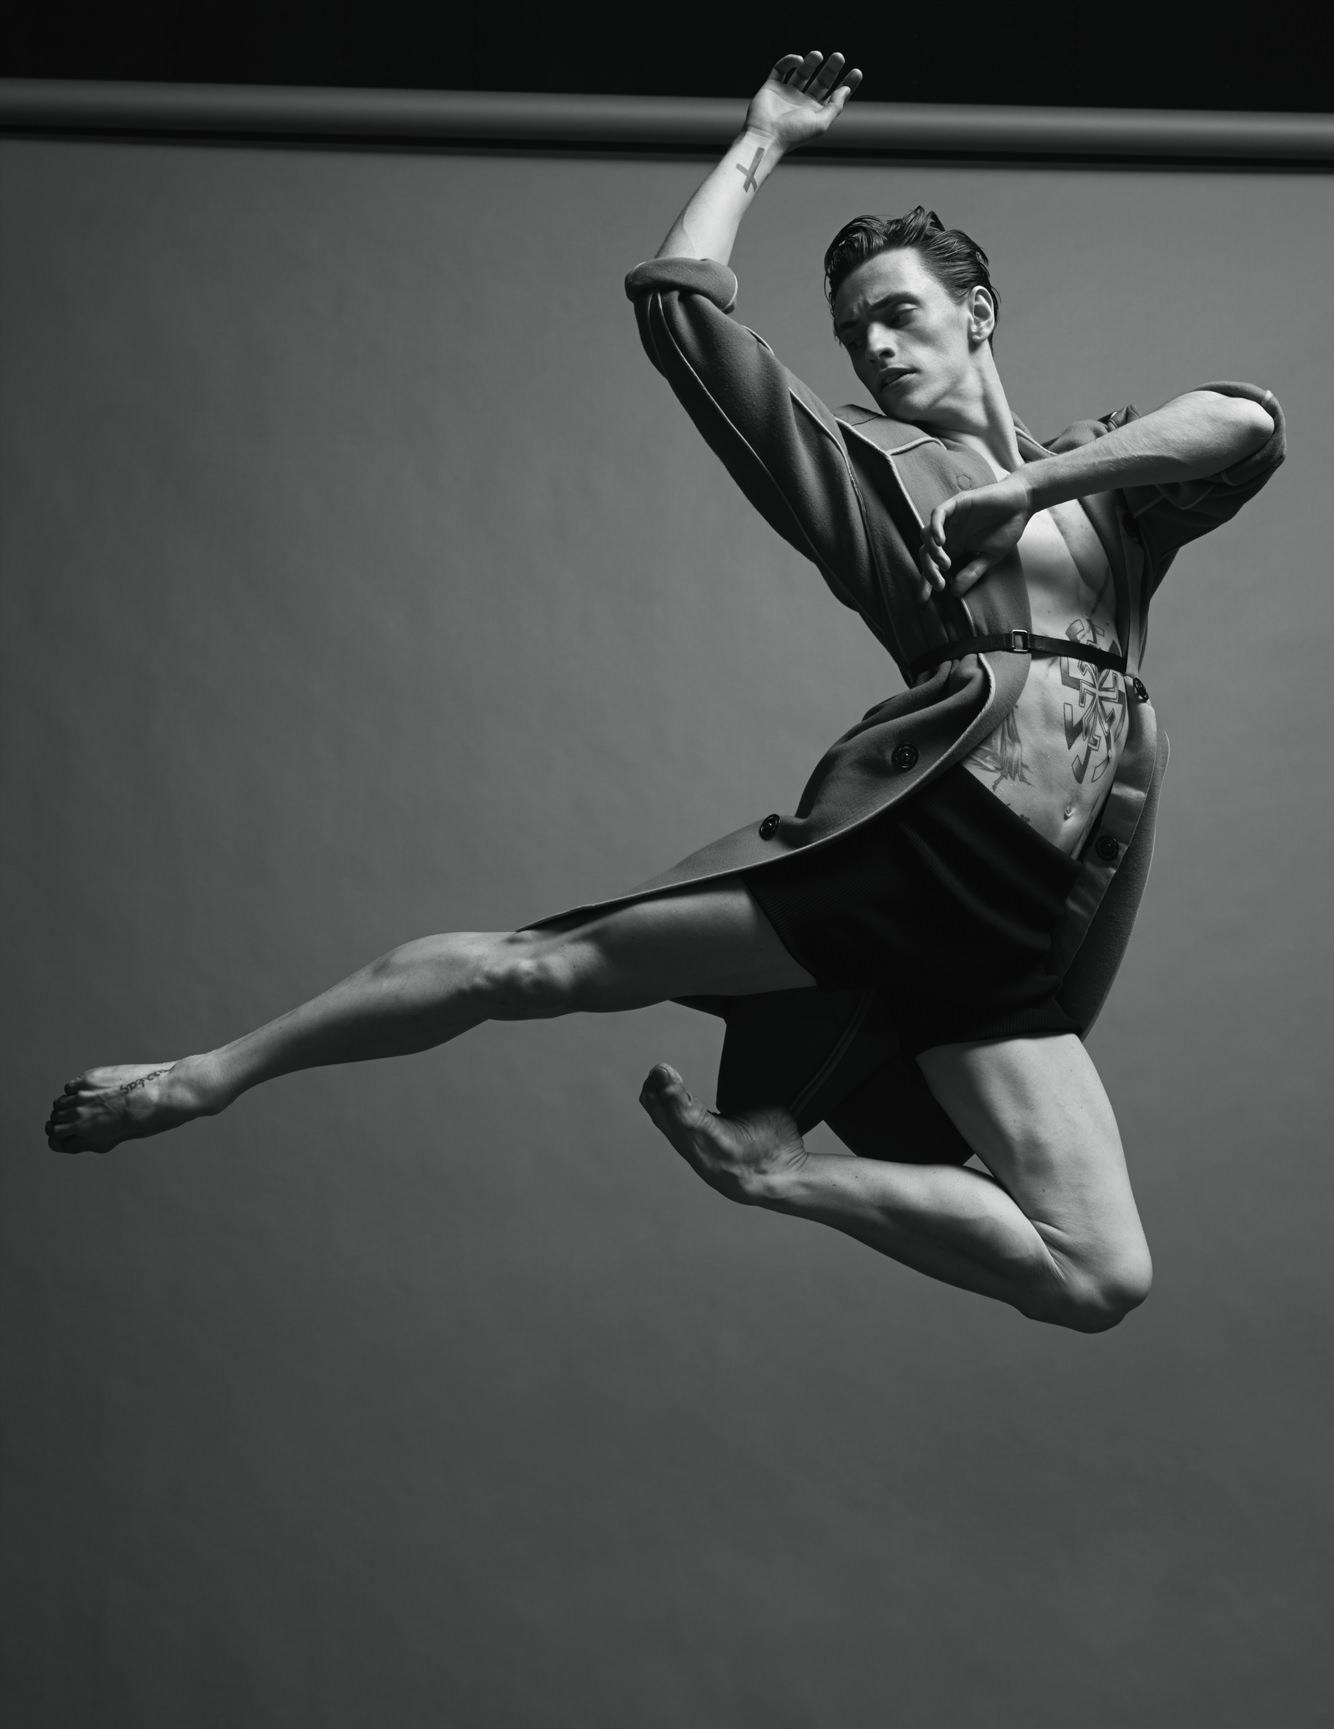 """""""J'aurais pu être meilleur danseur si je n'avais pas passé toutes mes soirées en boîte, ni pris autant de coke."""" Rencontre avec le danseur star Sergei Polunin"""